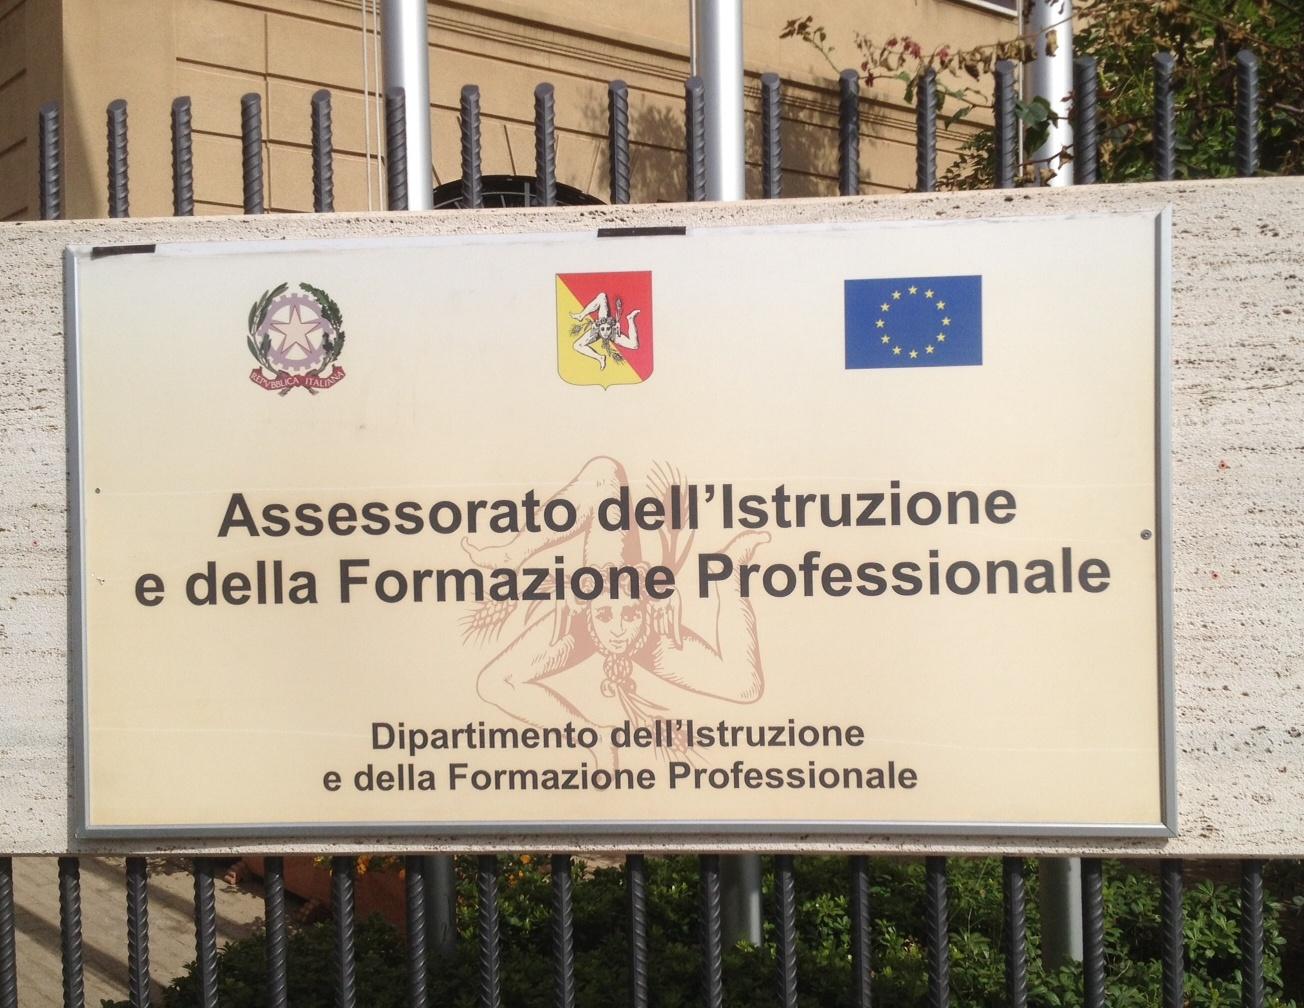 Formazione professionale: domani nuova protesta a Palermo del SIFUS CONFALI davanti la sede dell'assessorato